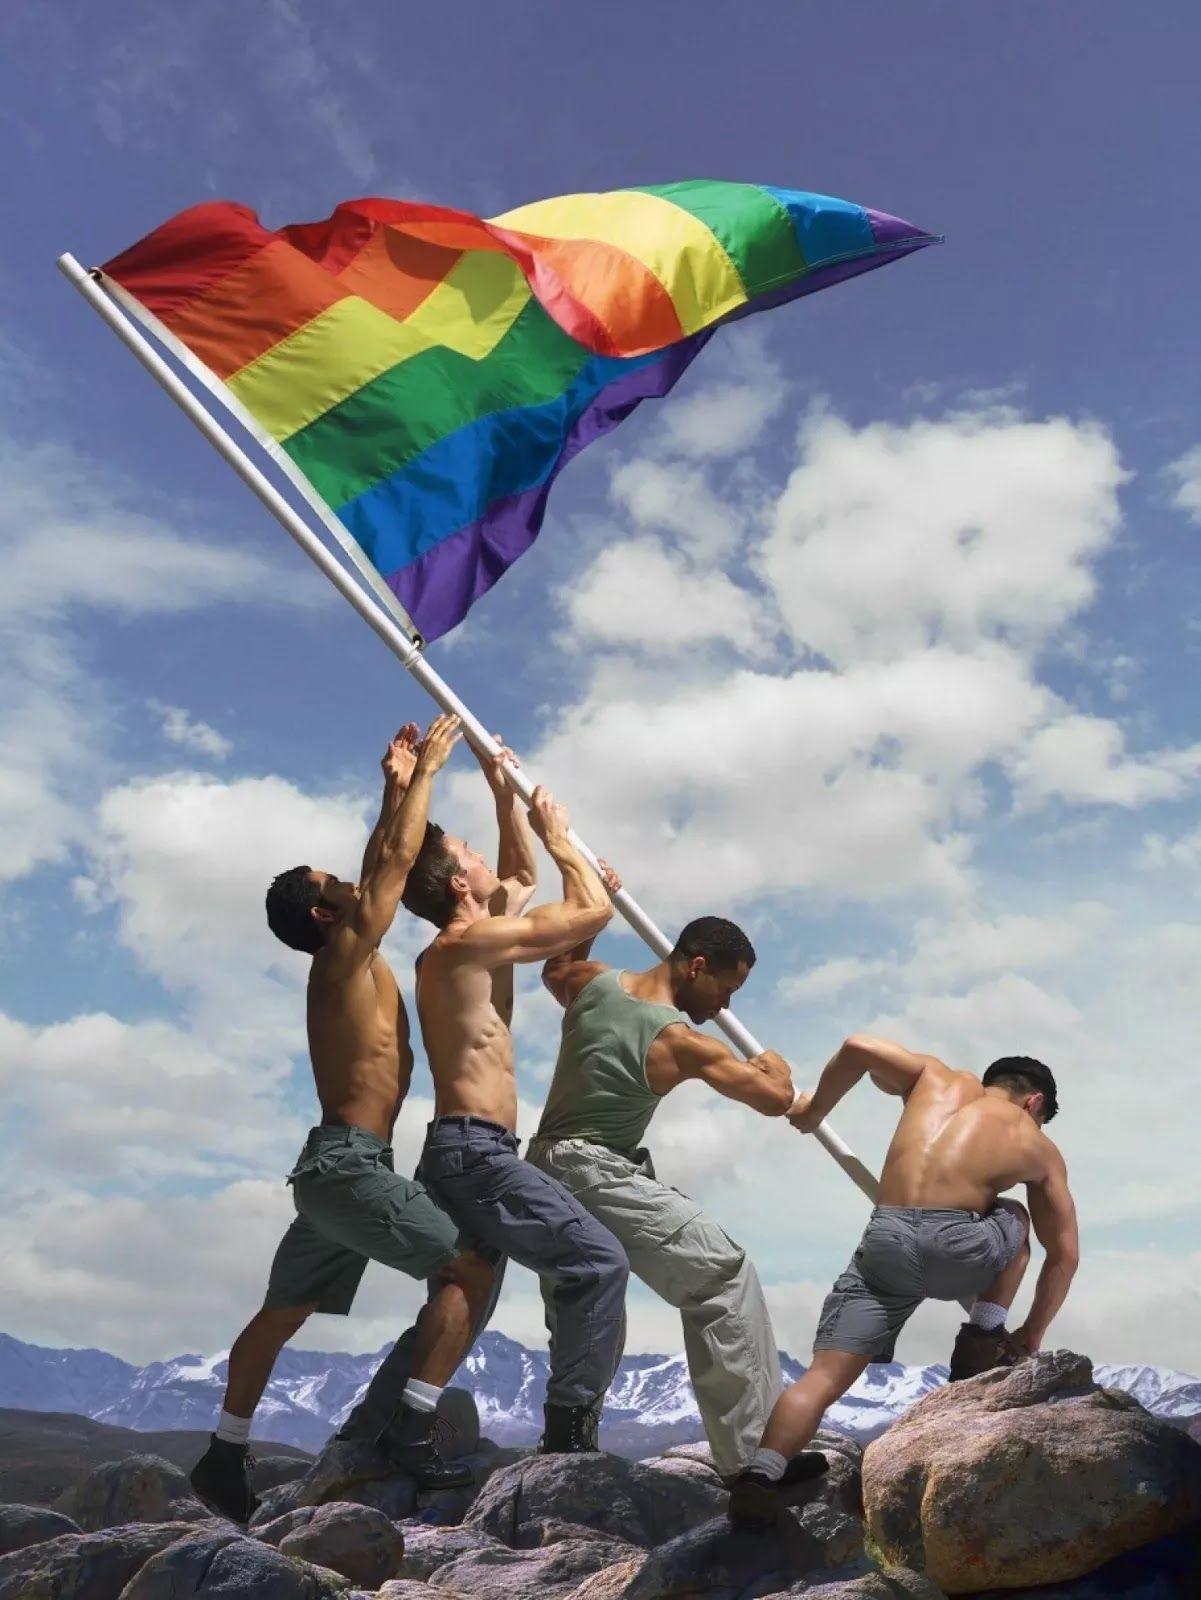 """Gökkuşağı rengindeki bayrak, birçok farklı hareket tarafından kullanılmış olsa da, 1978'den beri birçok farklı kültür ve ülkede """"Özgürlük Bayrağı"""" adı altında, eşcinsellerin bayrağı olarak tanınmaktadır. Tasarıma göre en üstteki kırmızı """"yaşam"""", turuncu """"iyileşme"""", sarı """"güneş ışığı"""", yeşil """"doğa,"""" mavi """"harmoni"""", mor ise """"ruh"""" anlamına gelmektedir."""